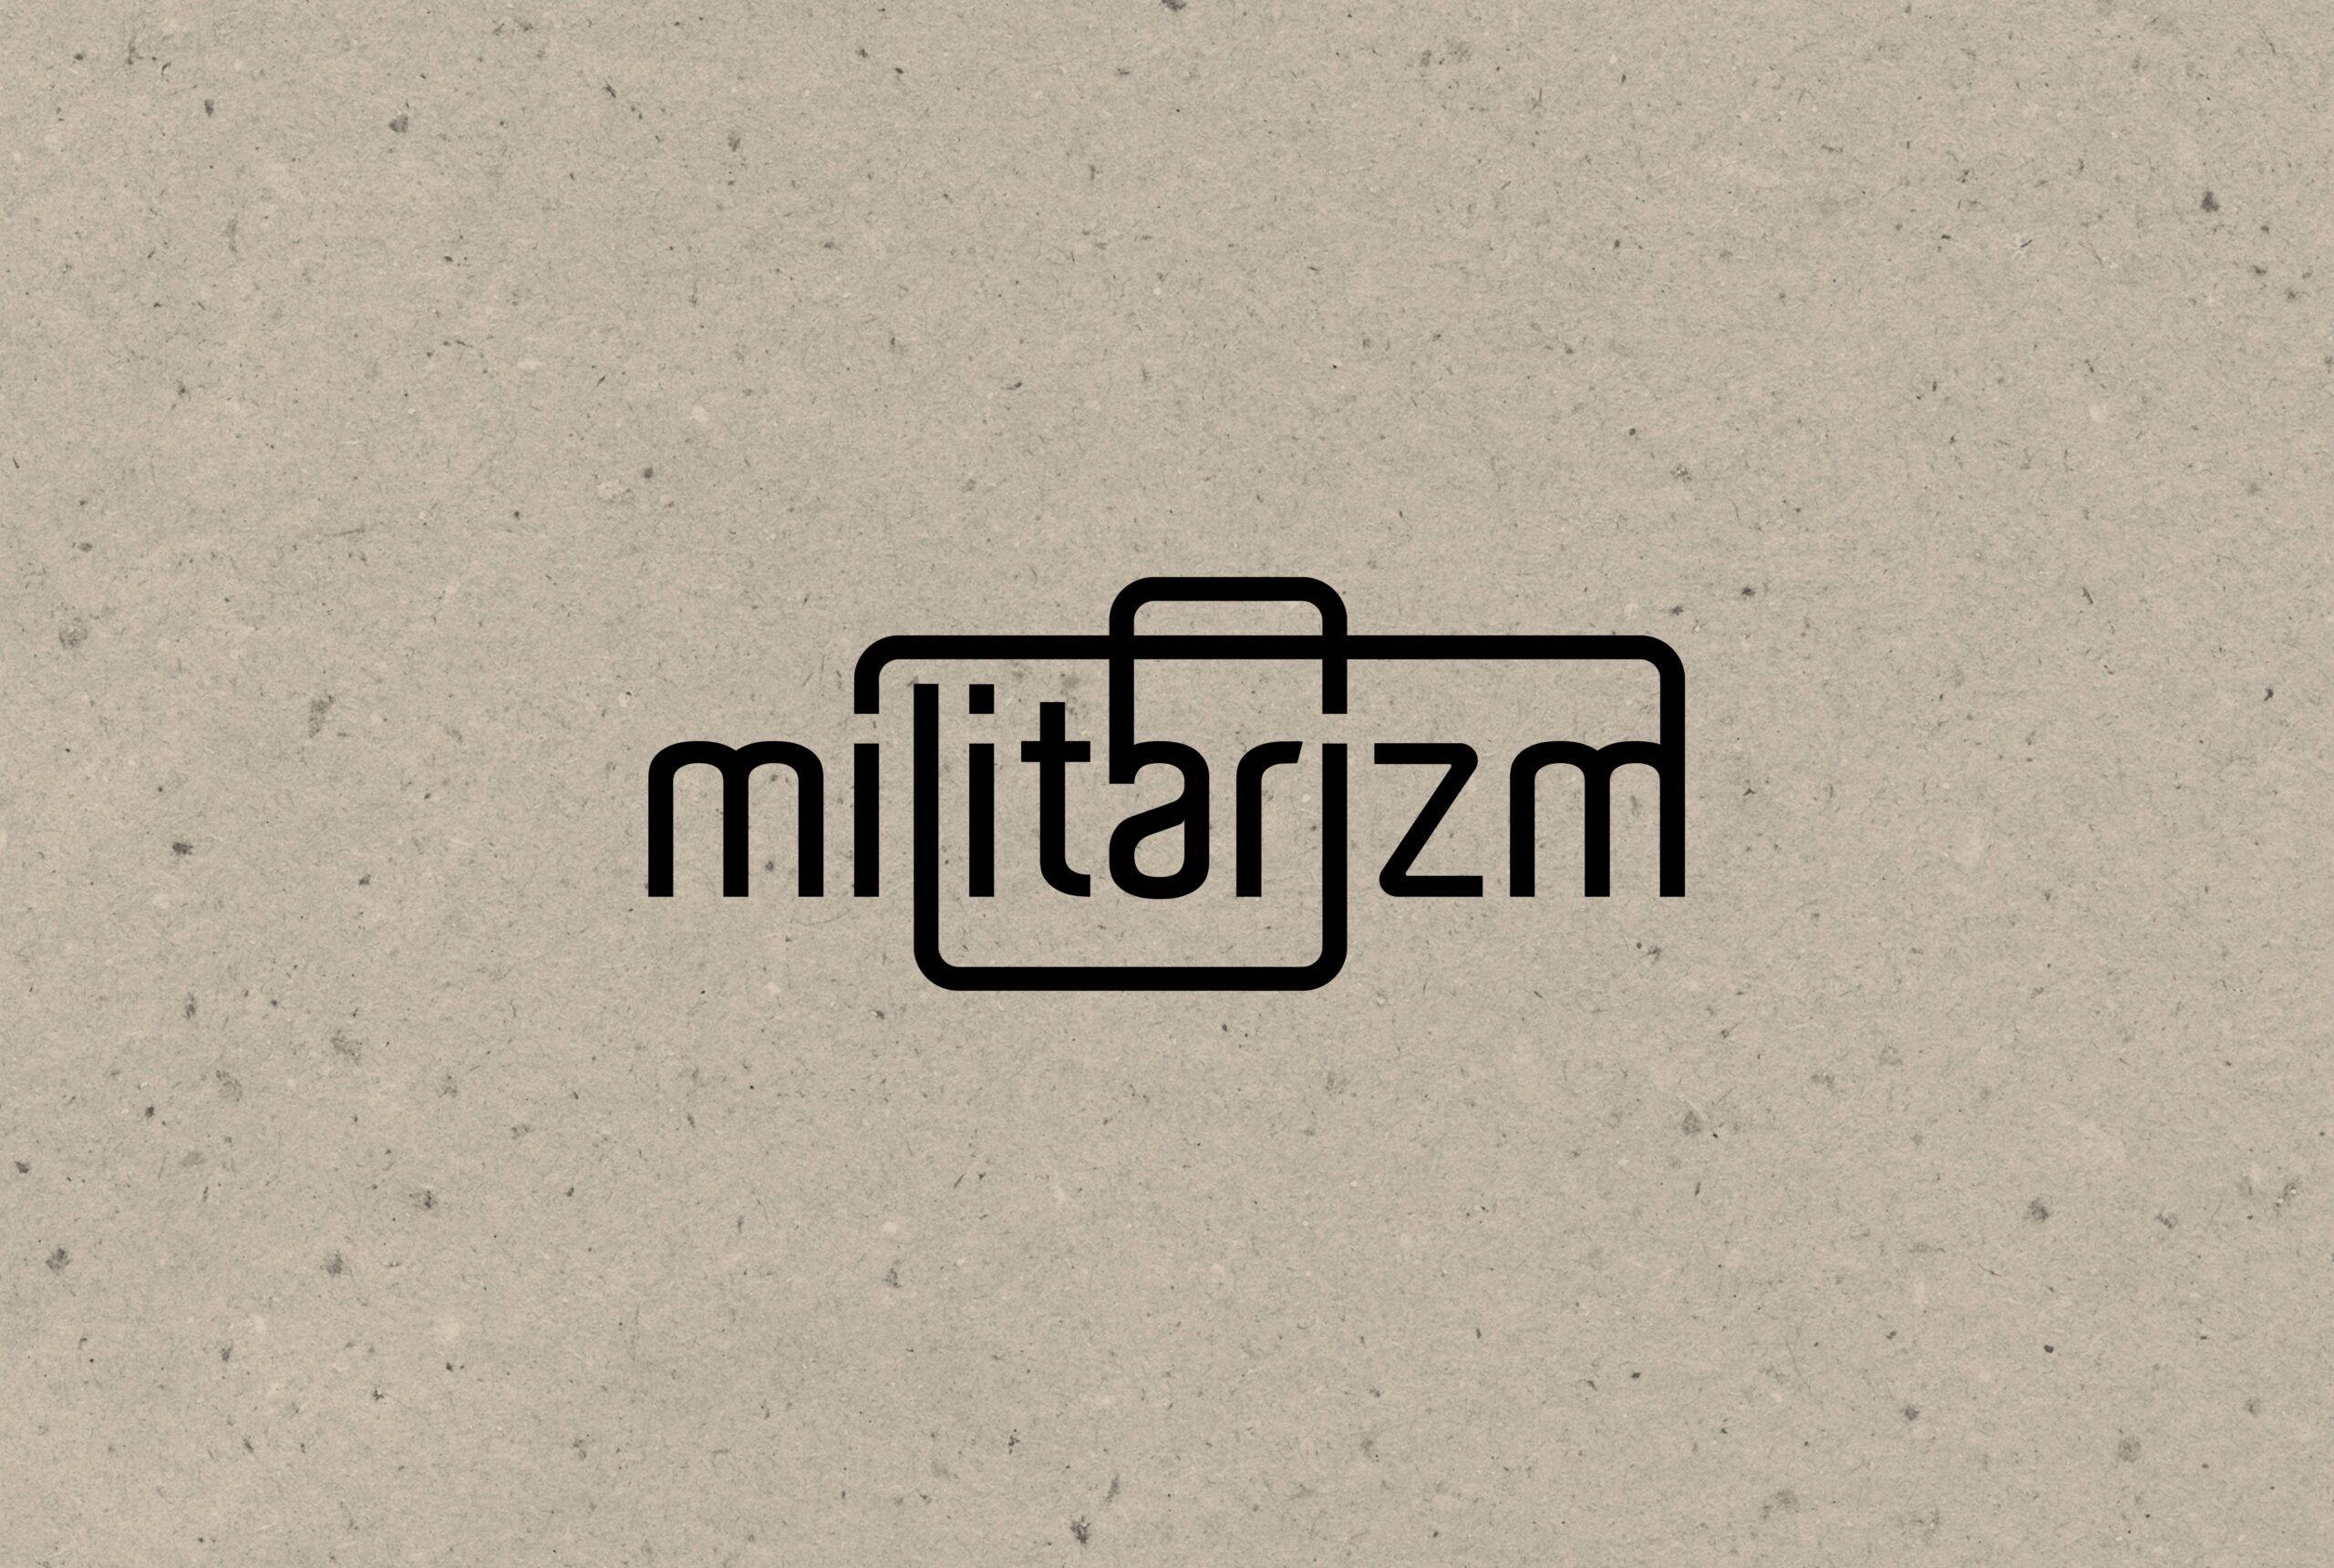 Militarizm